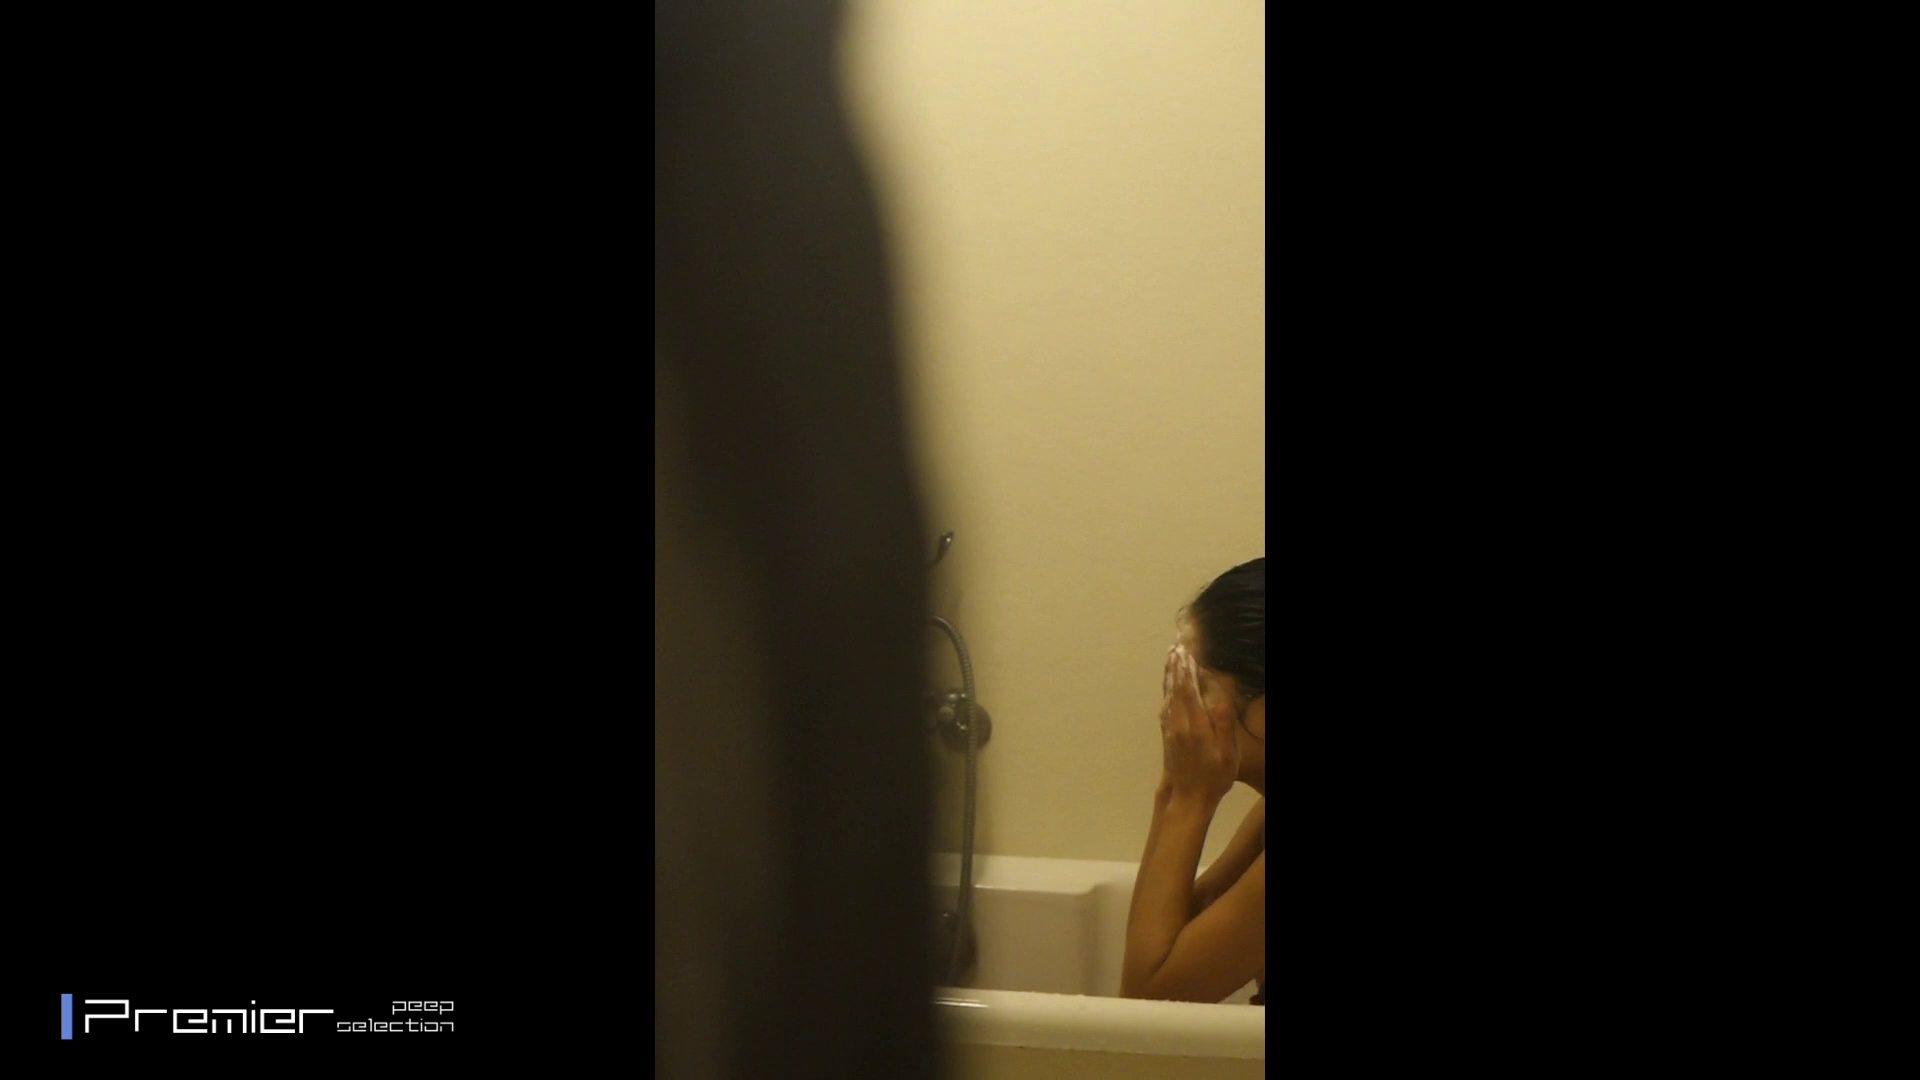 美女達の私生活に潜入!★永久保存版★4 名の美女リアルオナニー完全版 美肌  73PIX 43